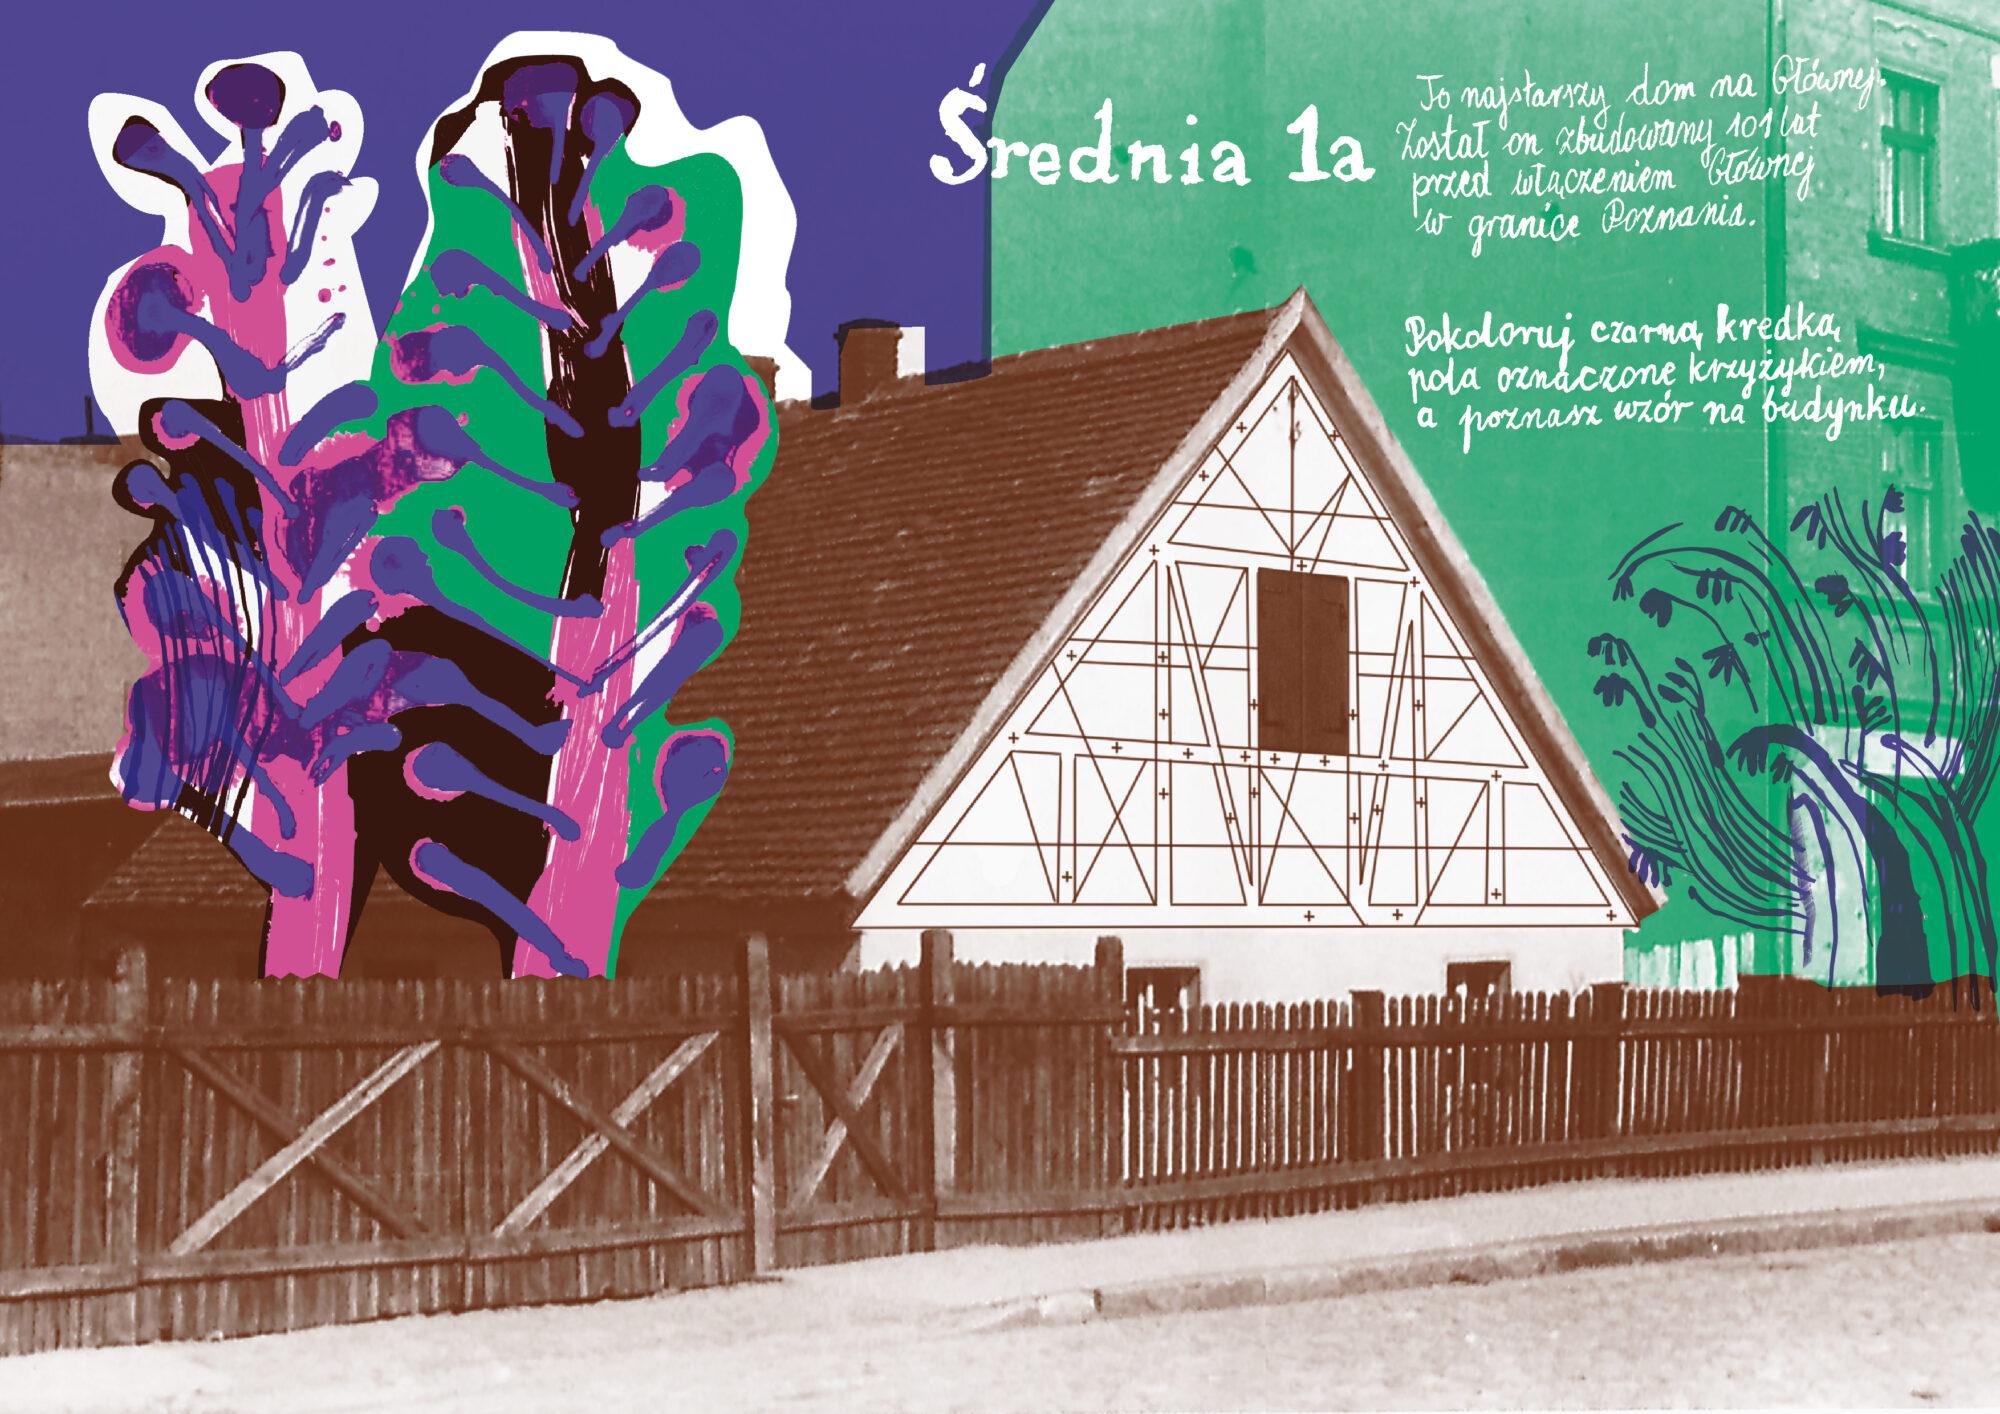 kolorowanka mazanka o budynku czy Średniej 1a na Głównej autorka Anna Kaźmierak